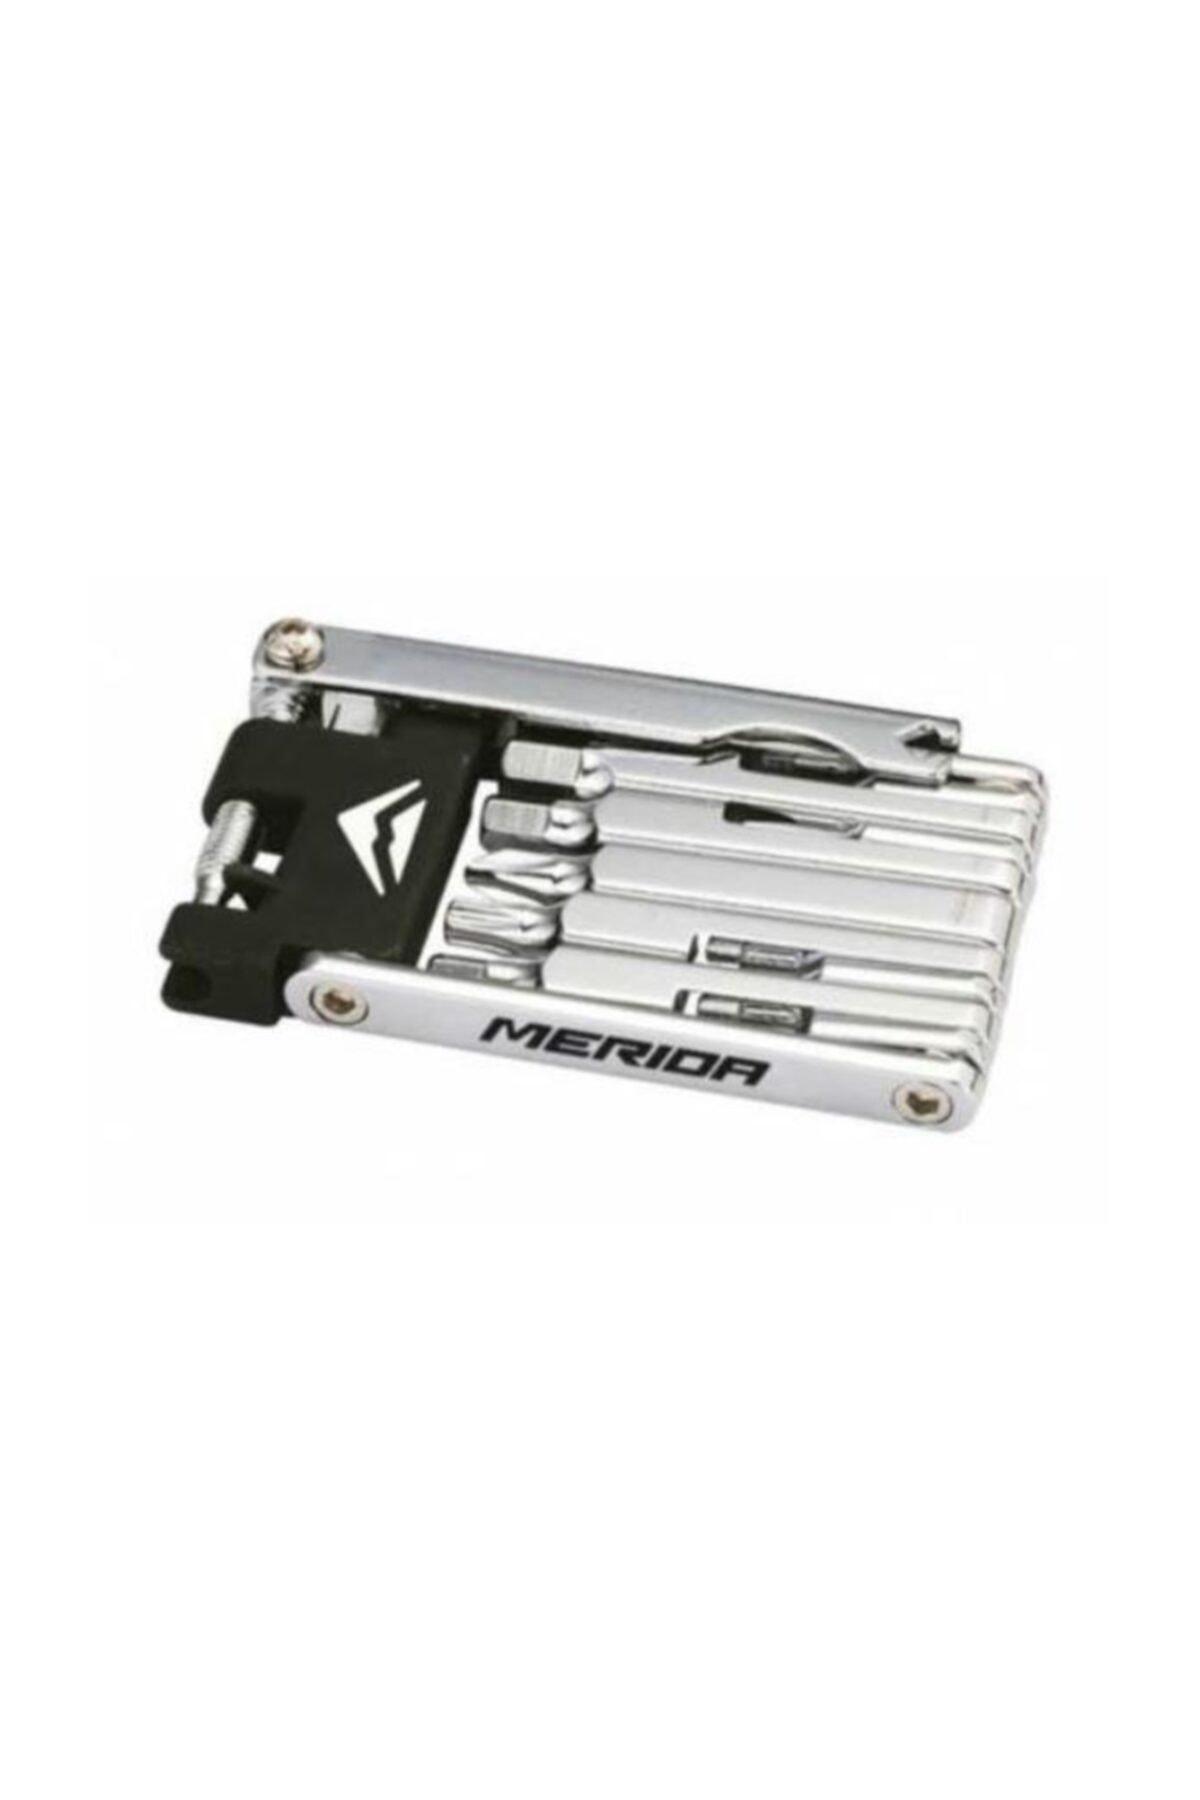 Merida Multi Tool Zincir Kesmeli 12 Çeşit Alyan Çakı Seti